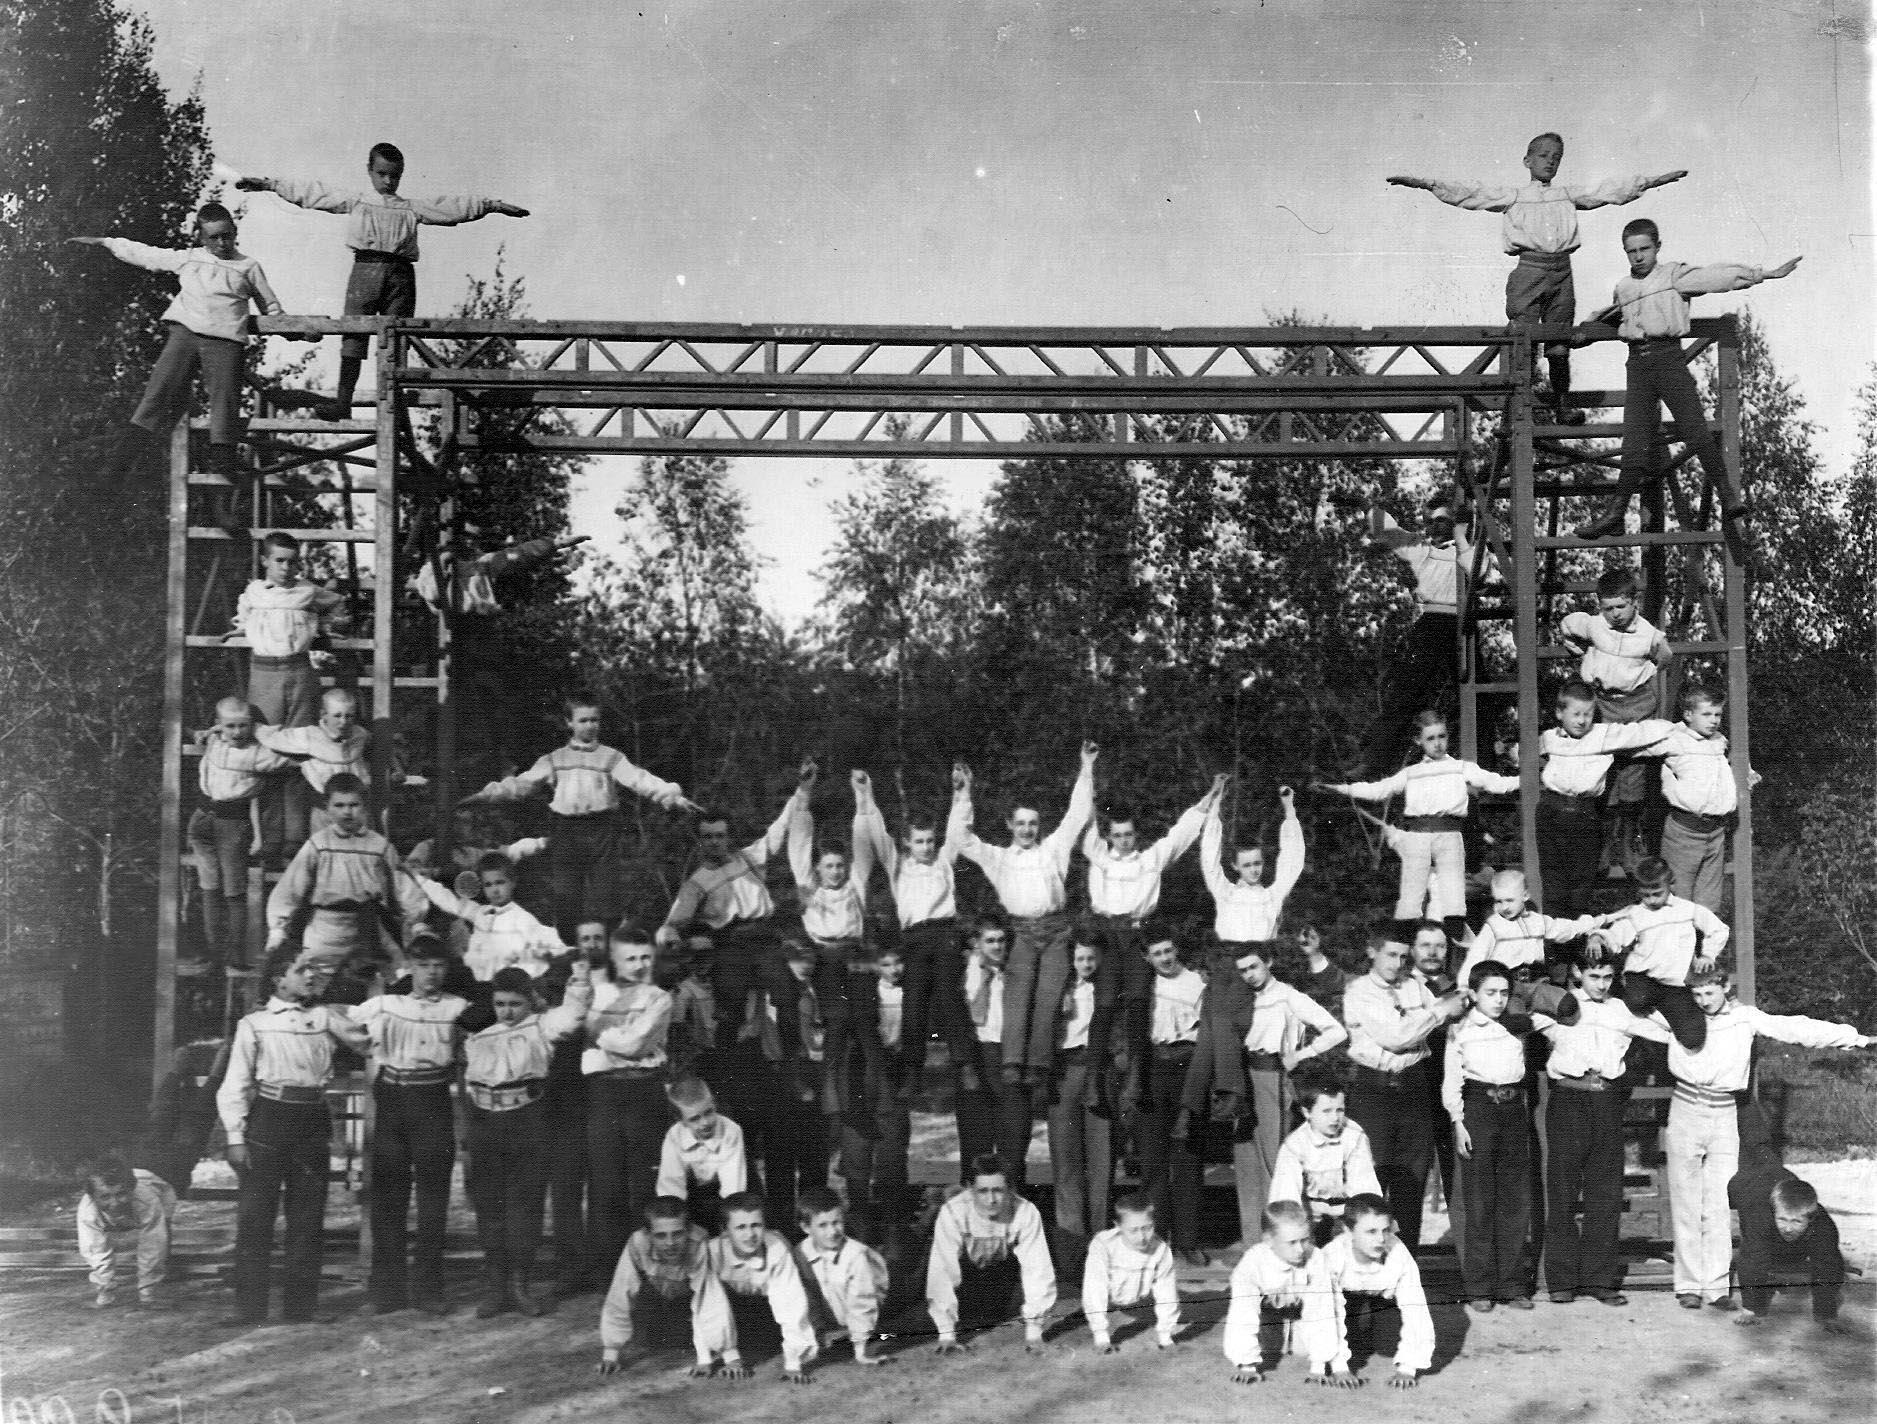 Члены  общества выполняют пирамиду во время спортивных соревнований